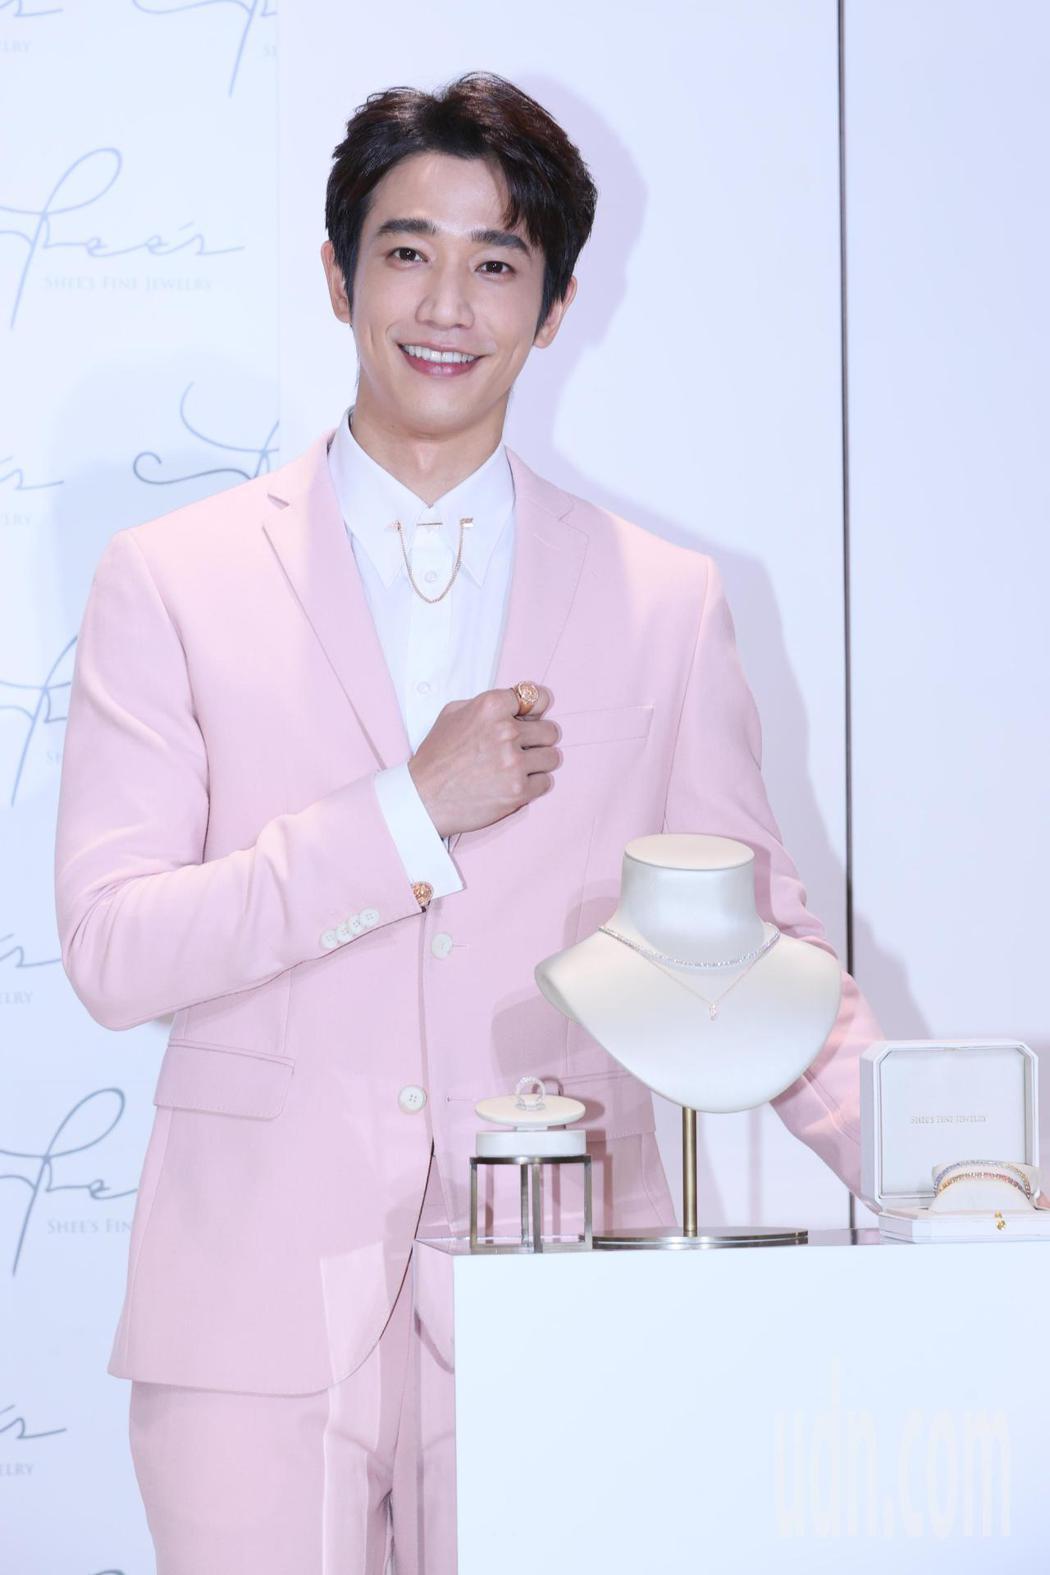 藝人劉以豪代言侍好珠寶,他以一身粉色西裝搭配領扣、袖扣等各式珠寶亮相,介紹最新的...